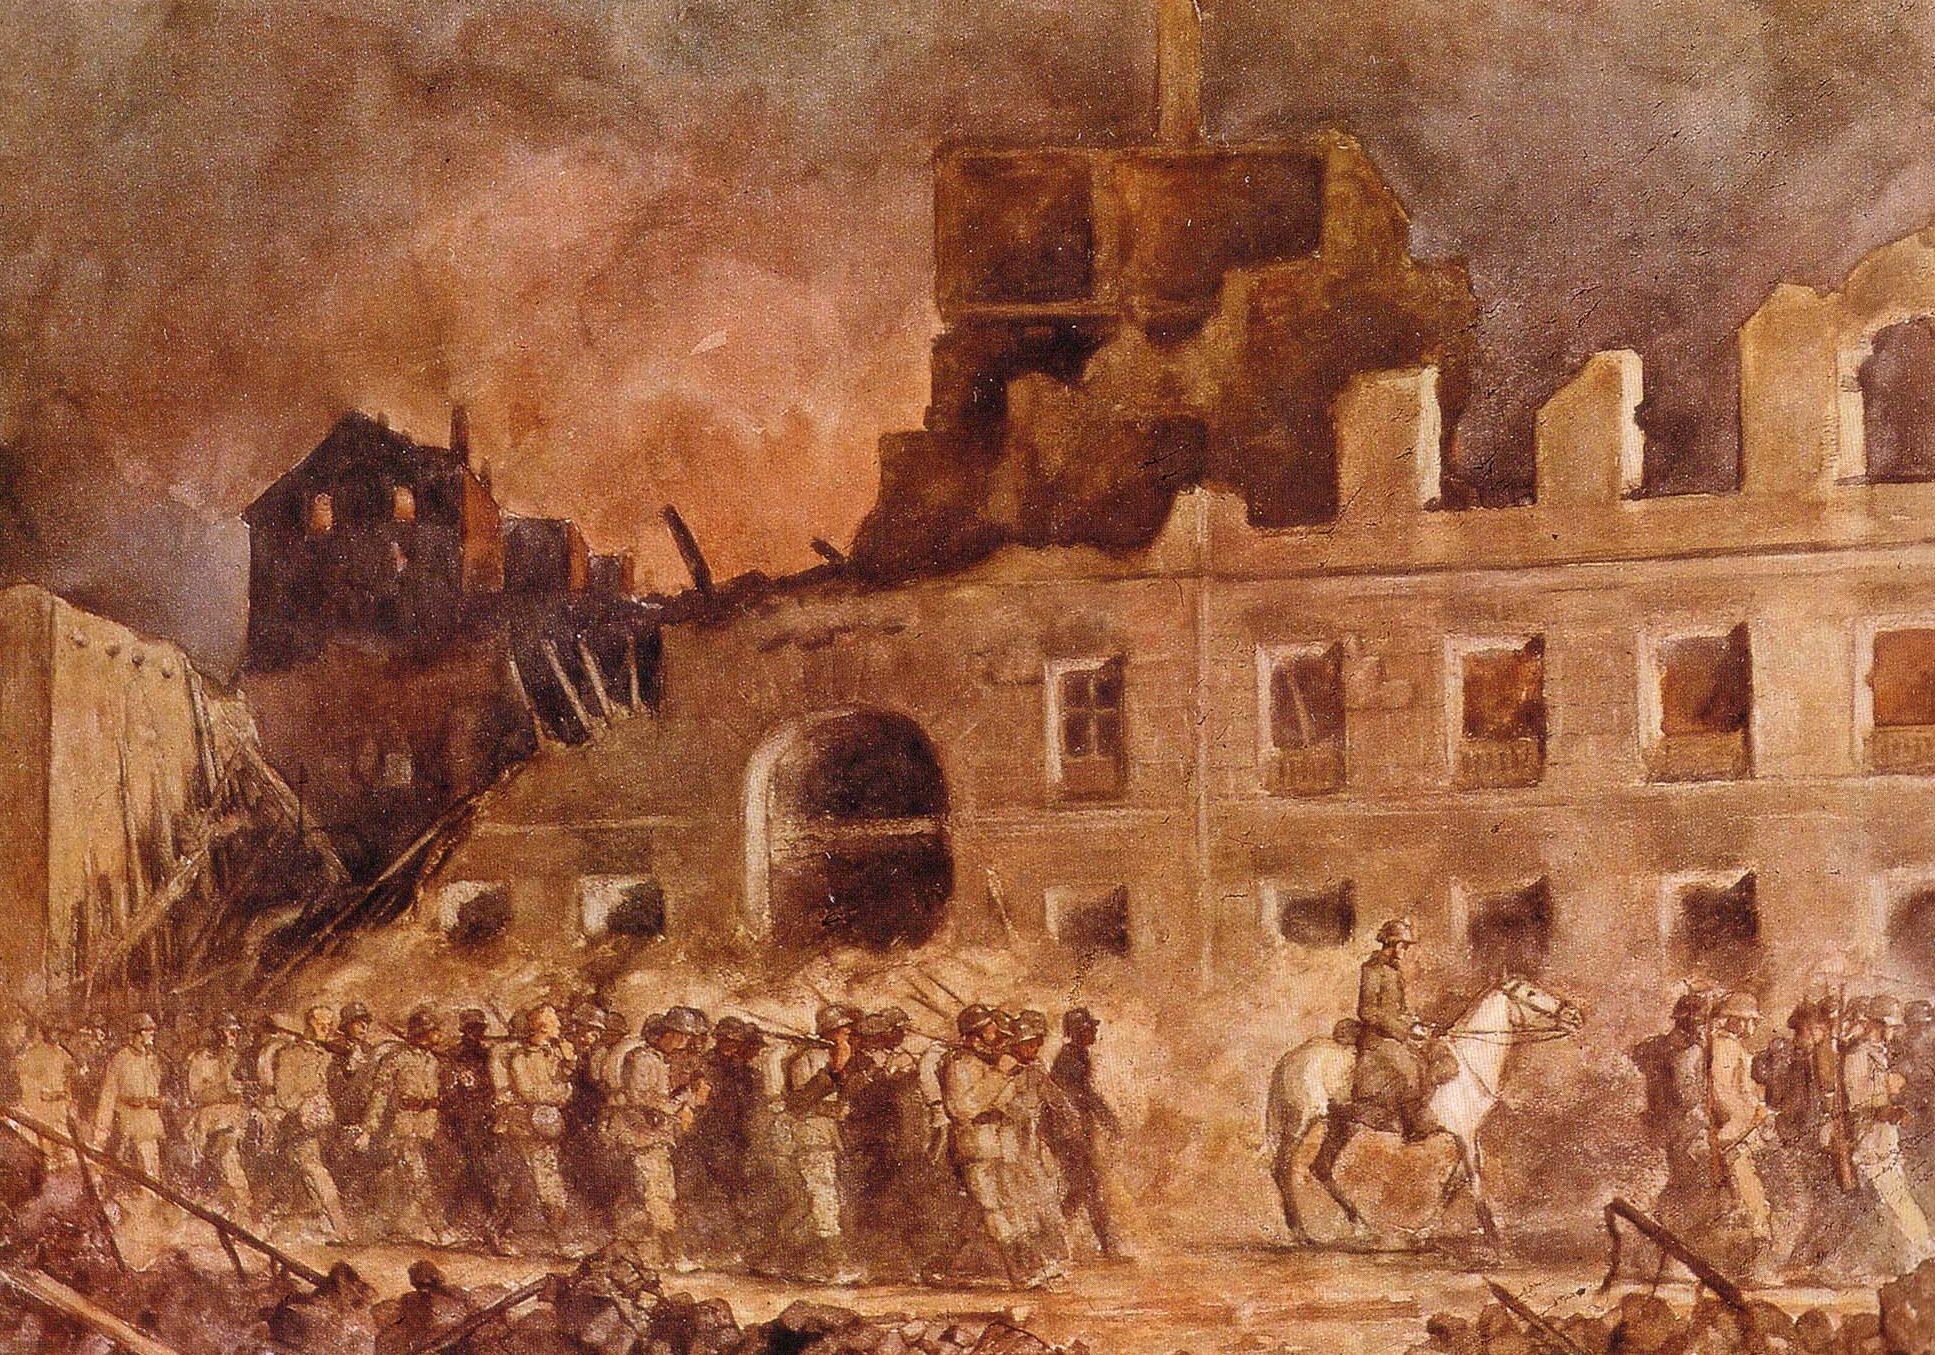 Eichhors Franz. Немецкие войска в Варшаве.